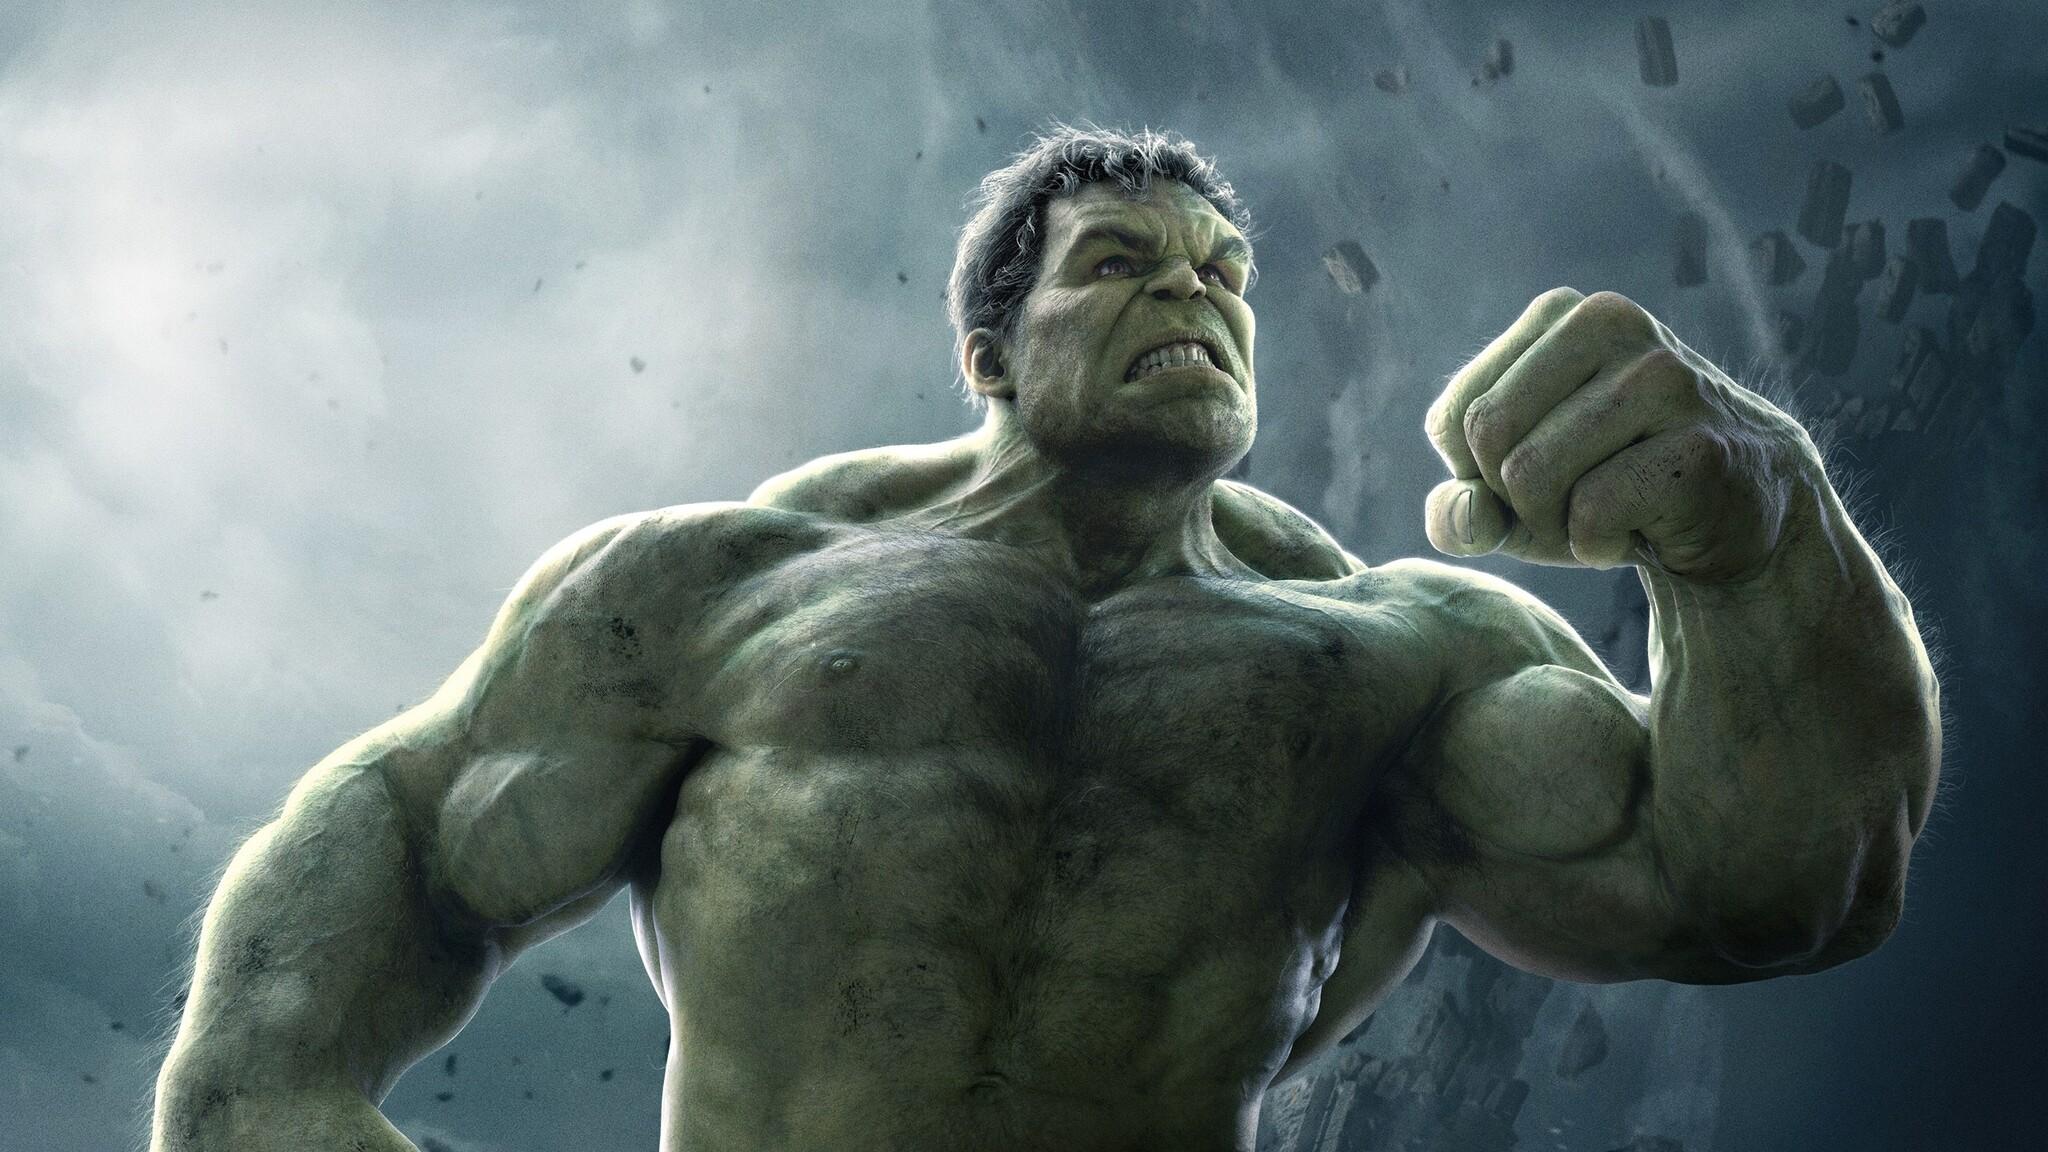 2048x1152 Hulk In Avengers Age Of Ultron 2048x1152